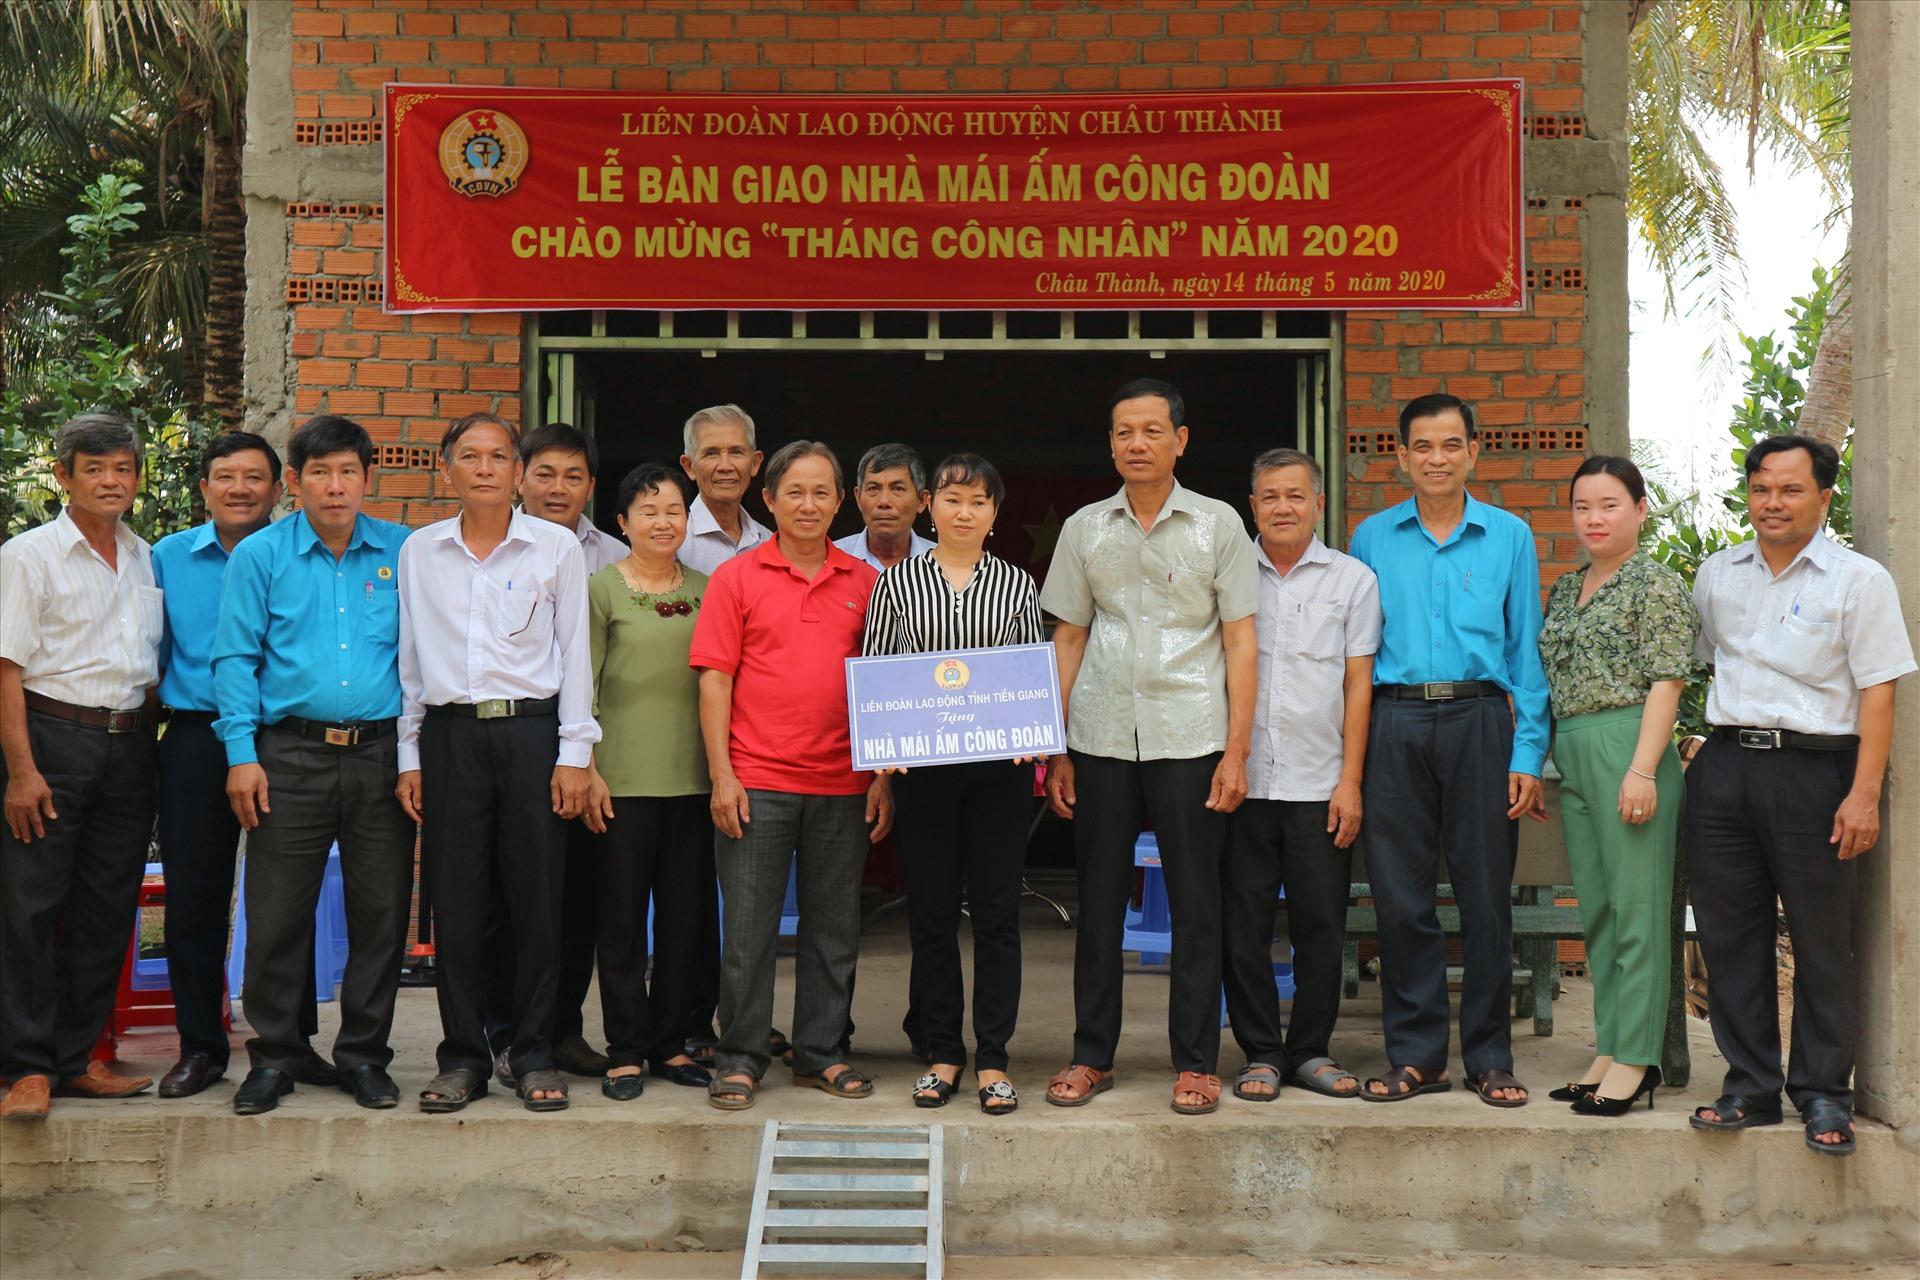 Lễ bàn giao Mái ấm Công đoàn cho đoàn viên Lê Hồng Cẩm Tú (áo sọc đứng giữa). Ảnh: Lý Oanh